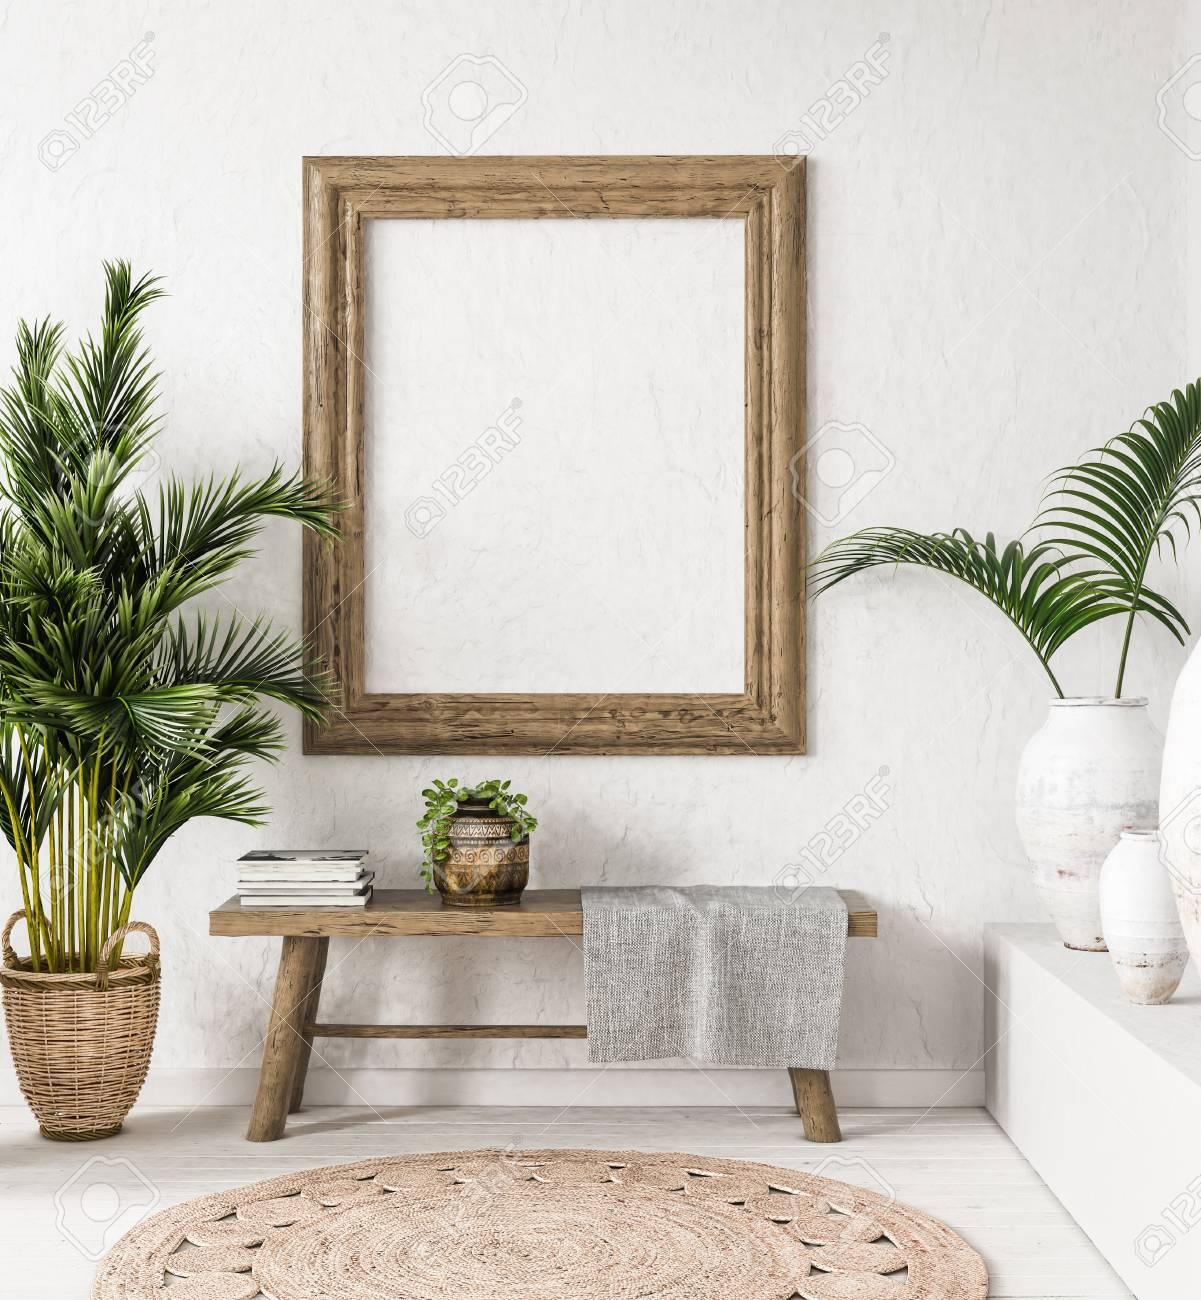 Old wooden frame mock-up in interior background,Scandi-boho style, 3d render - 106095713